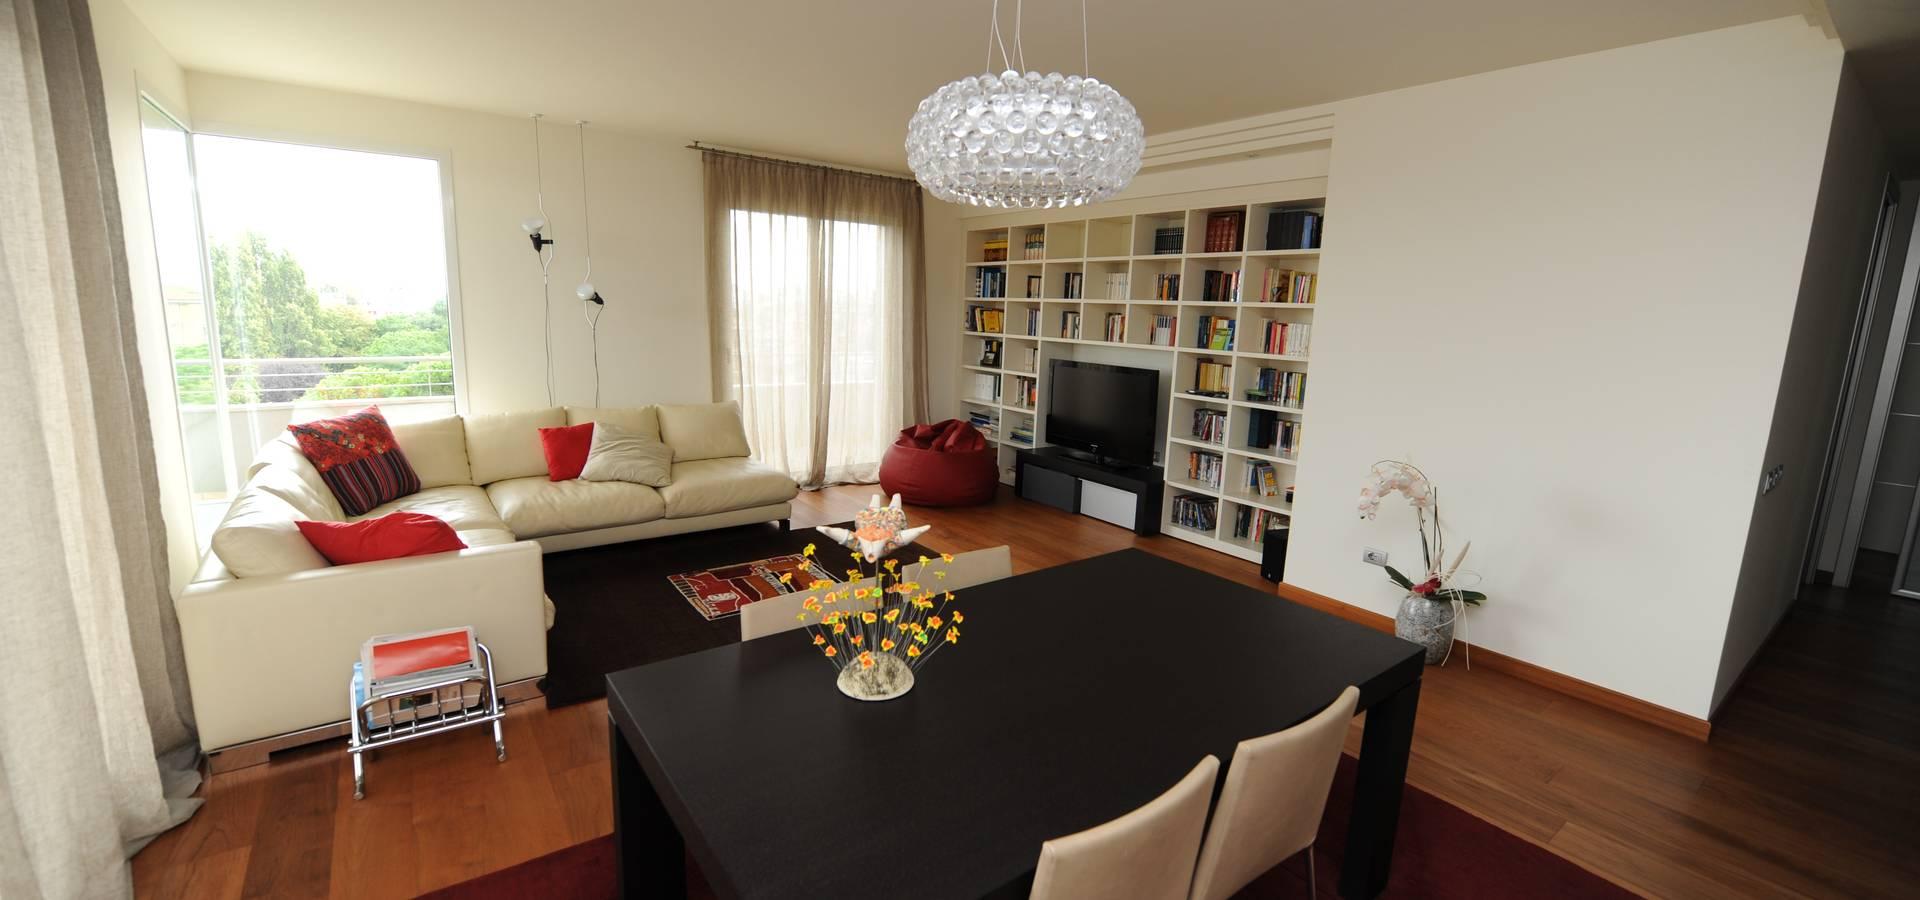 Studio di architettura e progettazione d 39 interni for Architetti d interni famosi